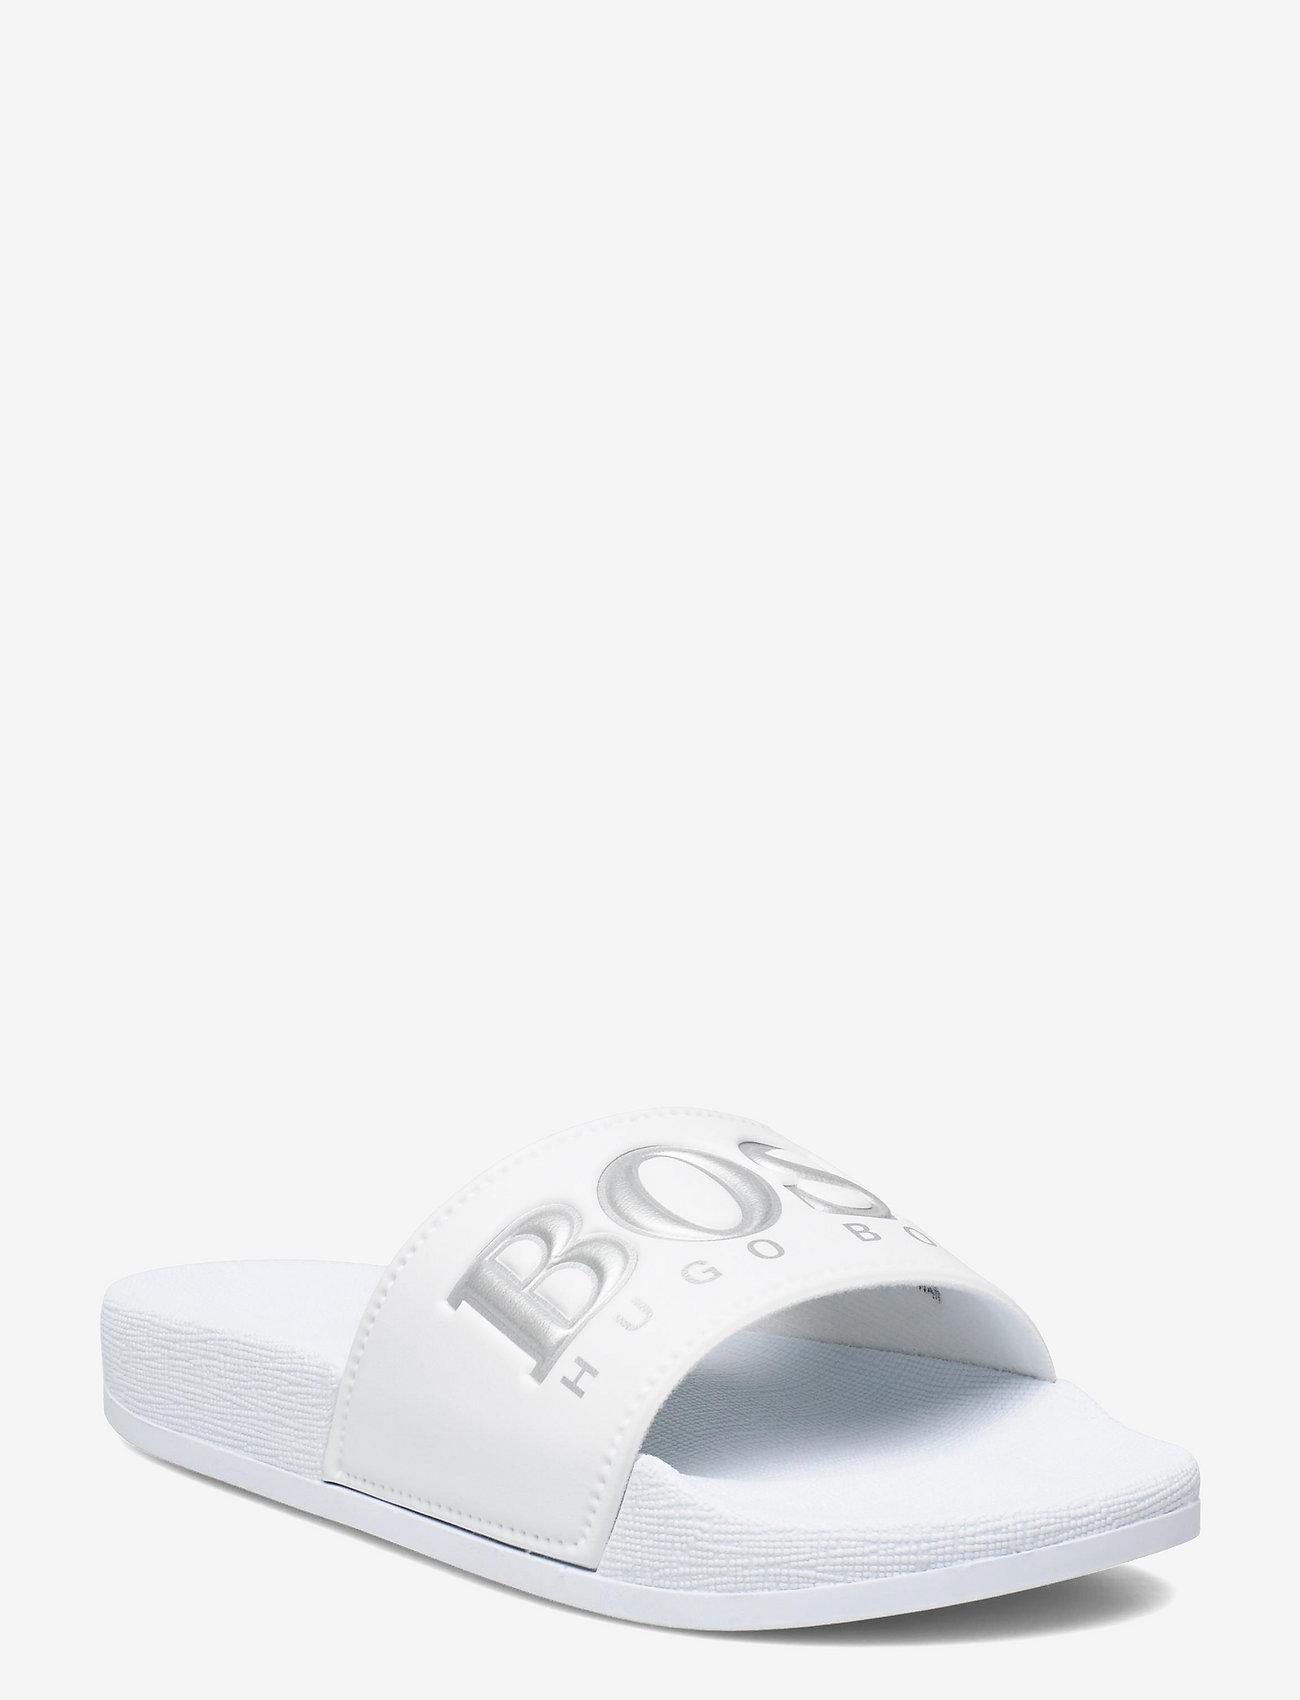 BOSS - SANDALS - pool sliders - white - 0